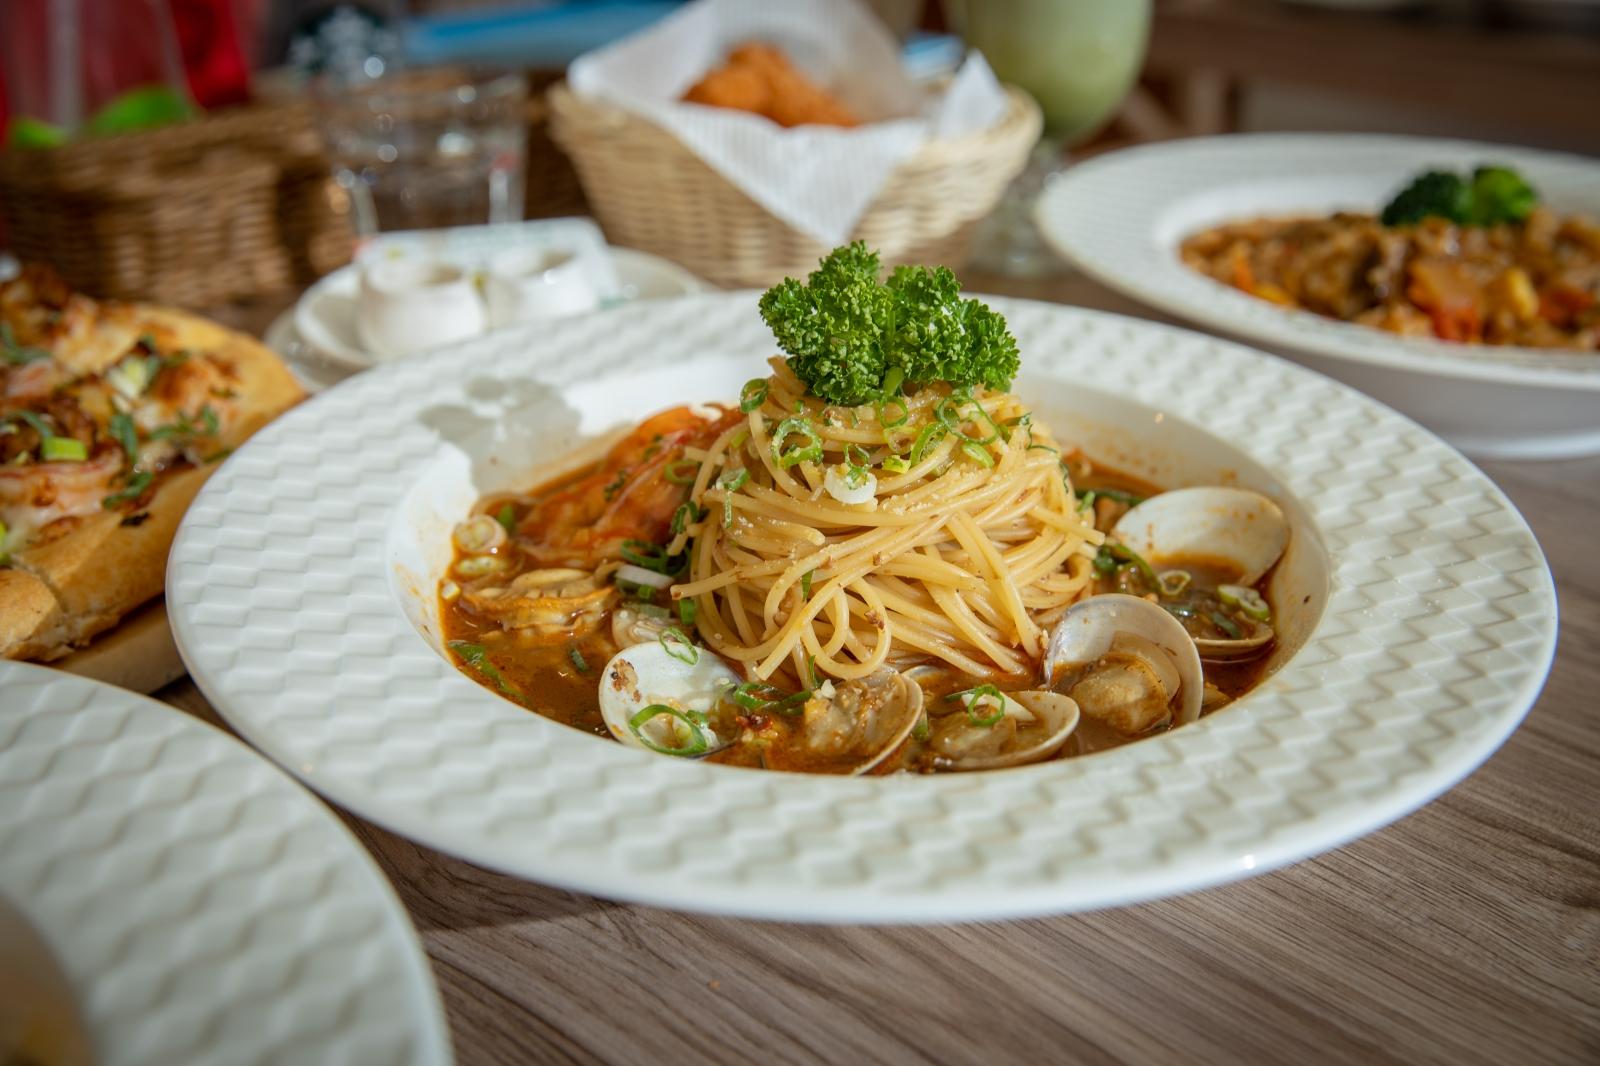 新竹|芙歐 full pasta 義式餐廳|小麥仔最愛的親子新竹超優秀義大利麵專門店~